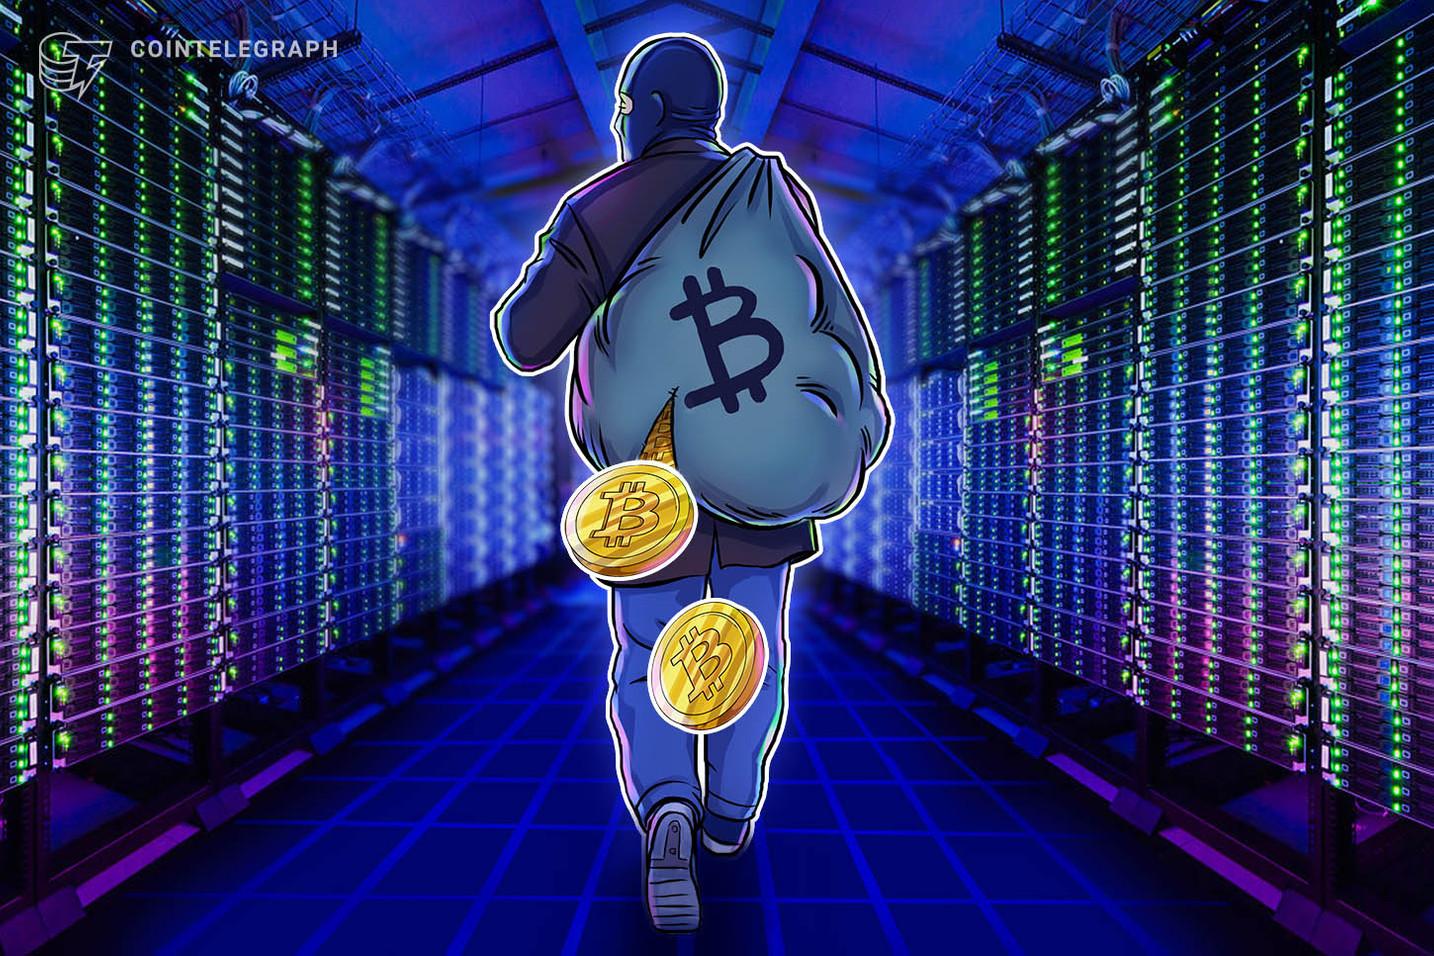 Trasladaron a siete direcciones el Bitcoin que robaron en el hackeo de Binance